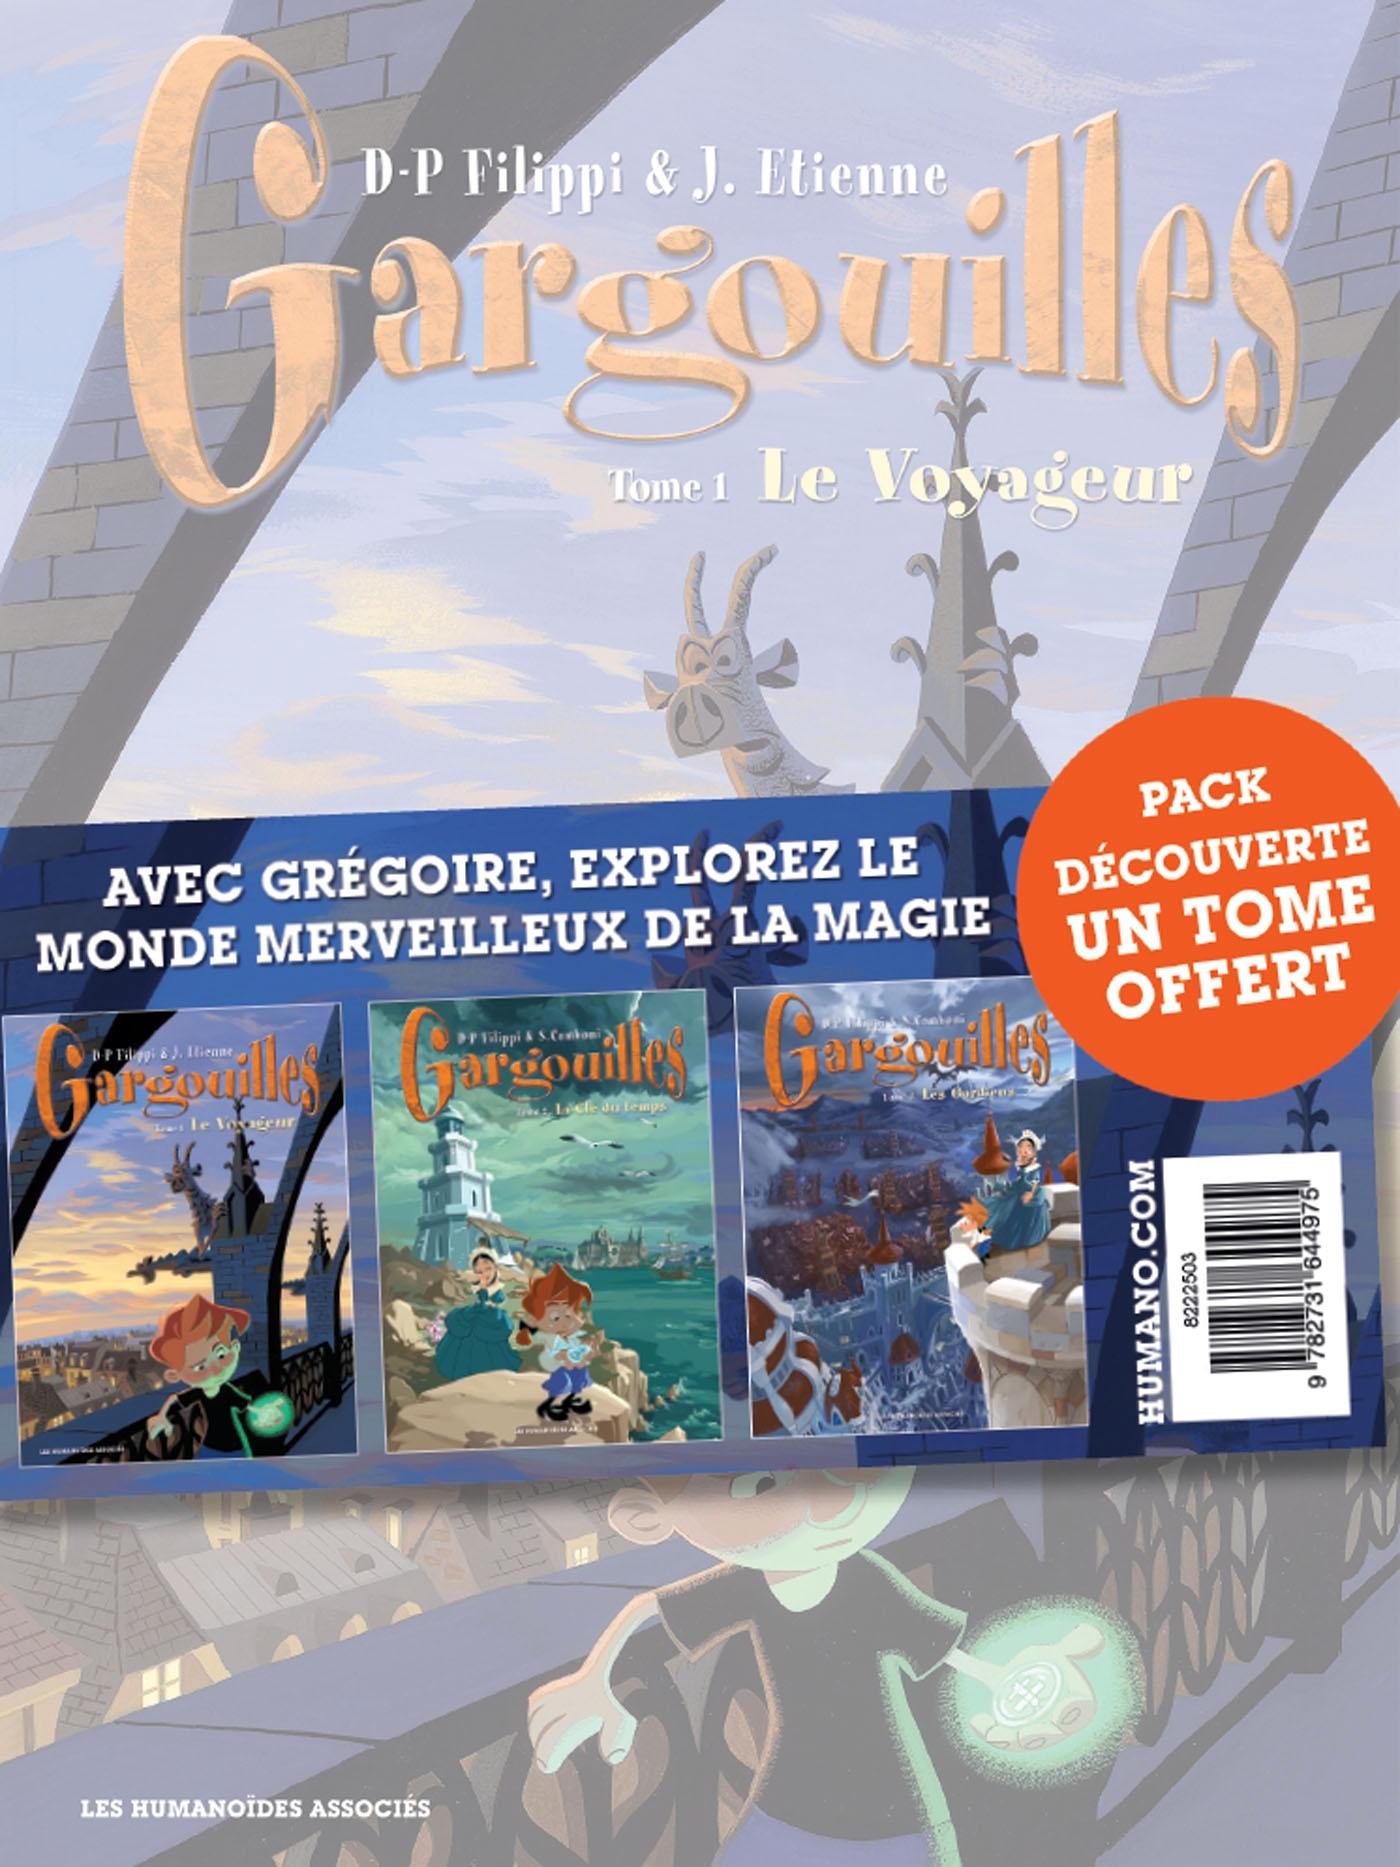 GARGOUILLES - PACK T1 A 3 (T3 OFFERT)